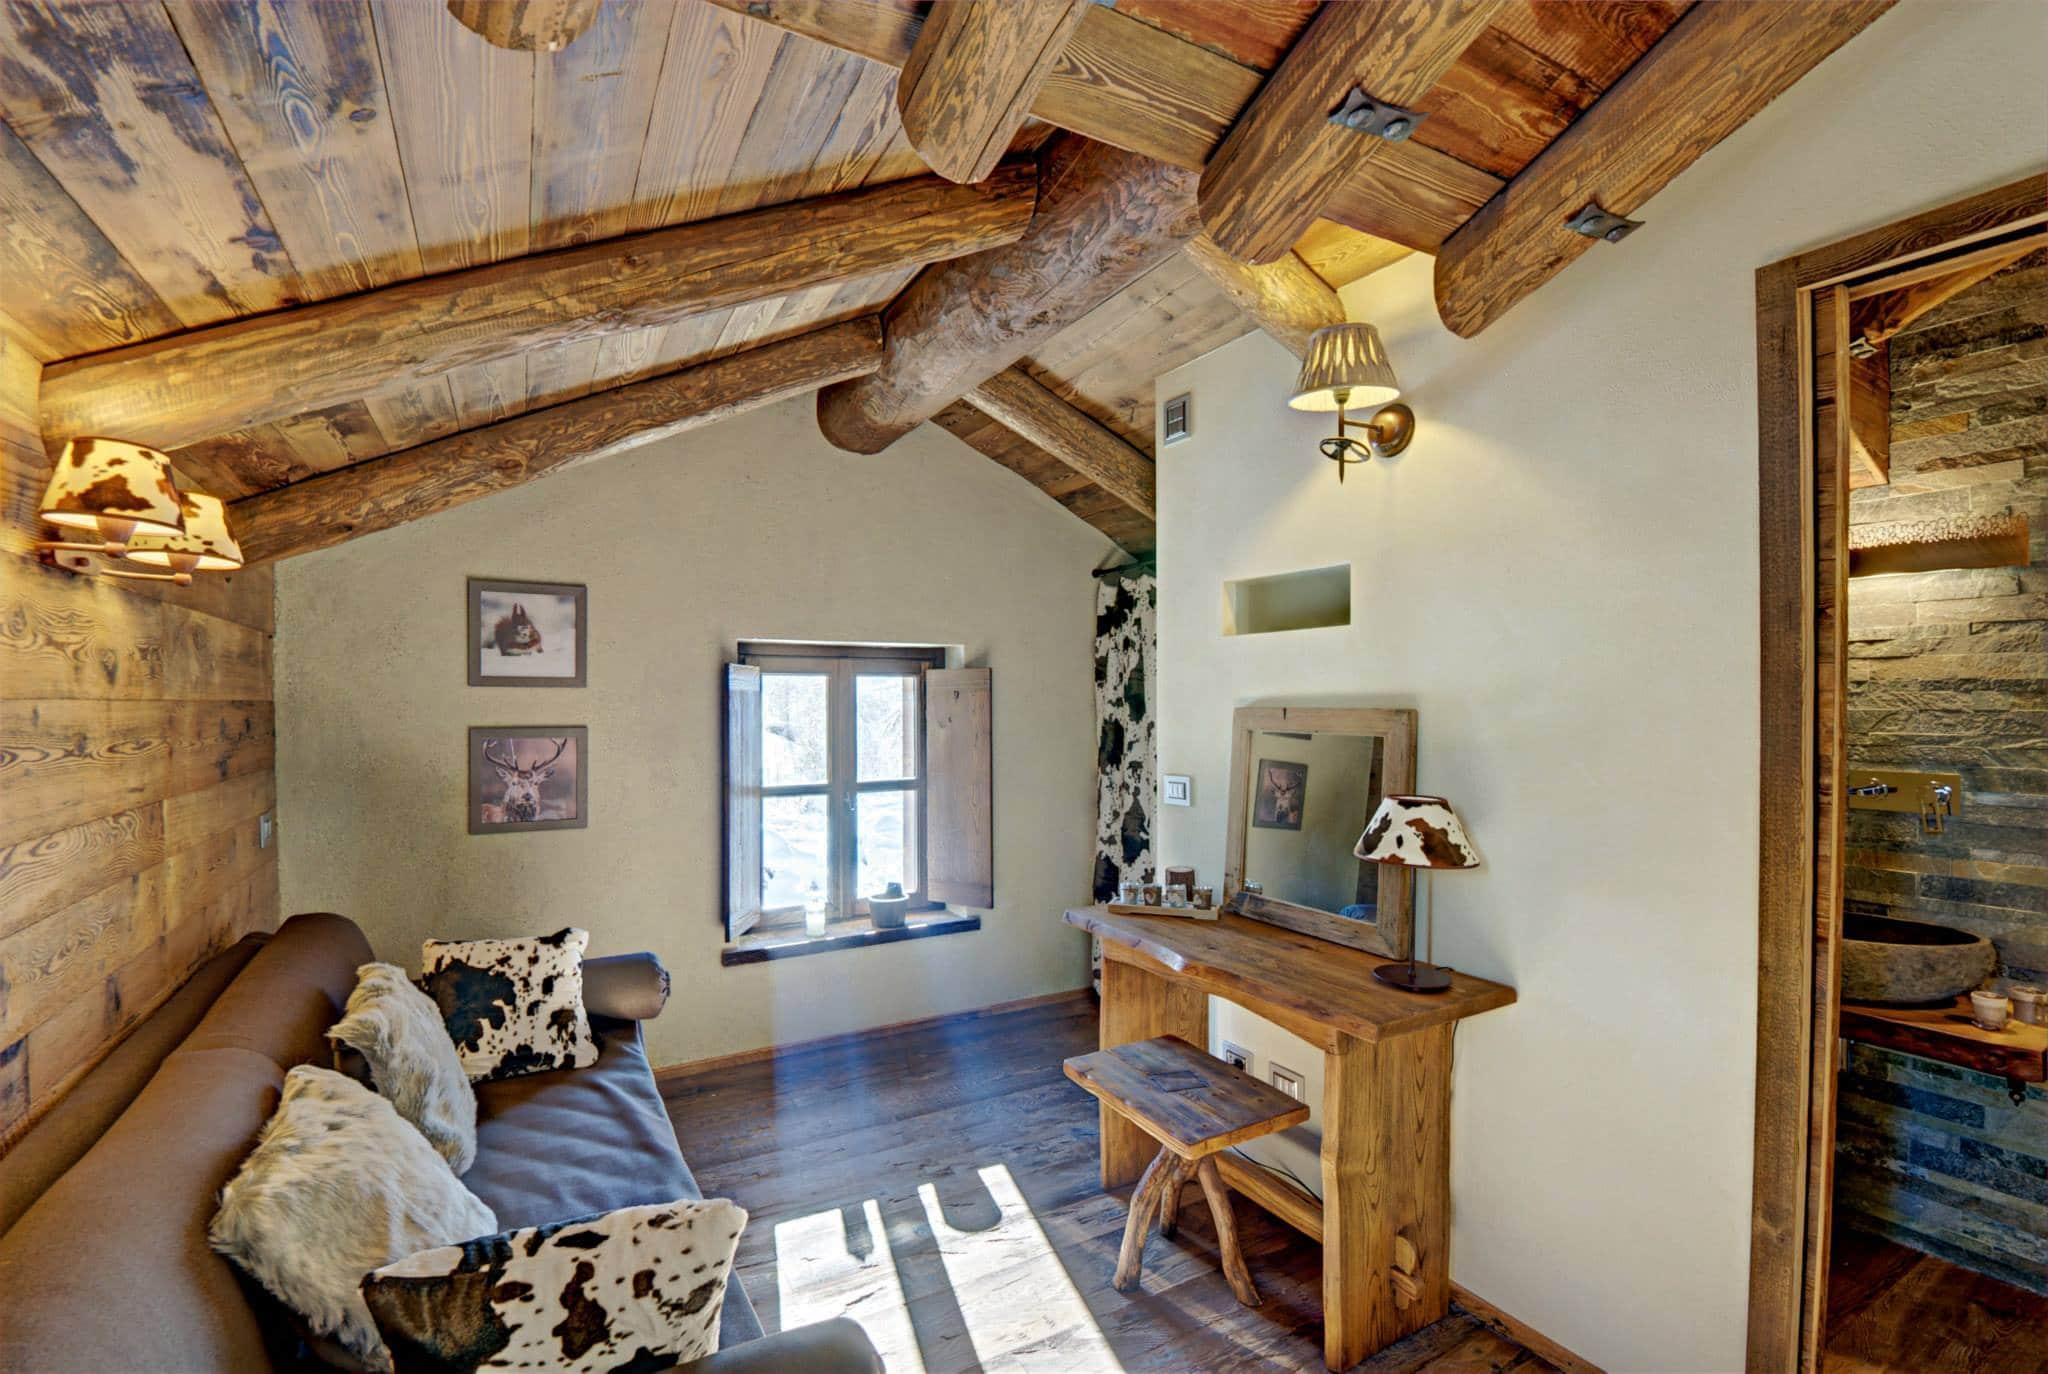 dise o de interiores r stico uso de madera y piedra